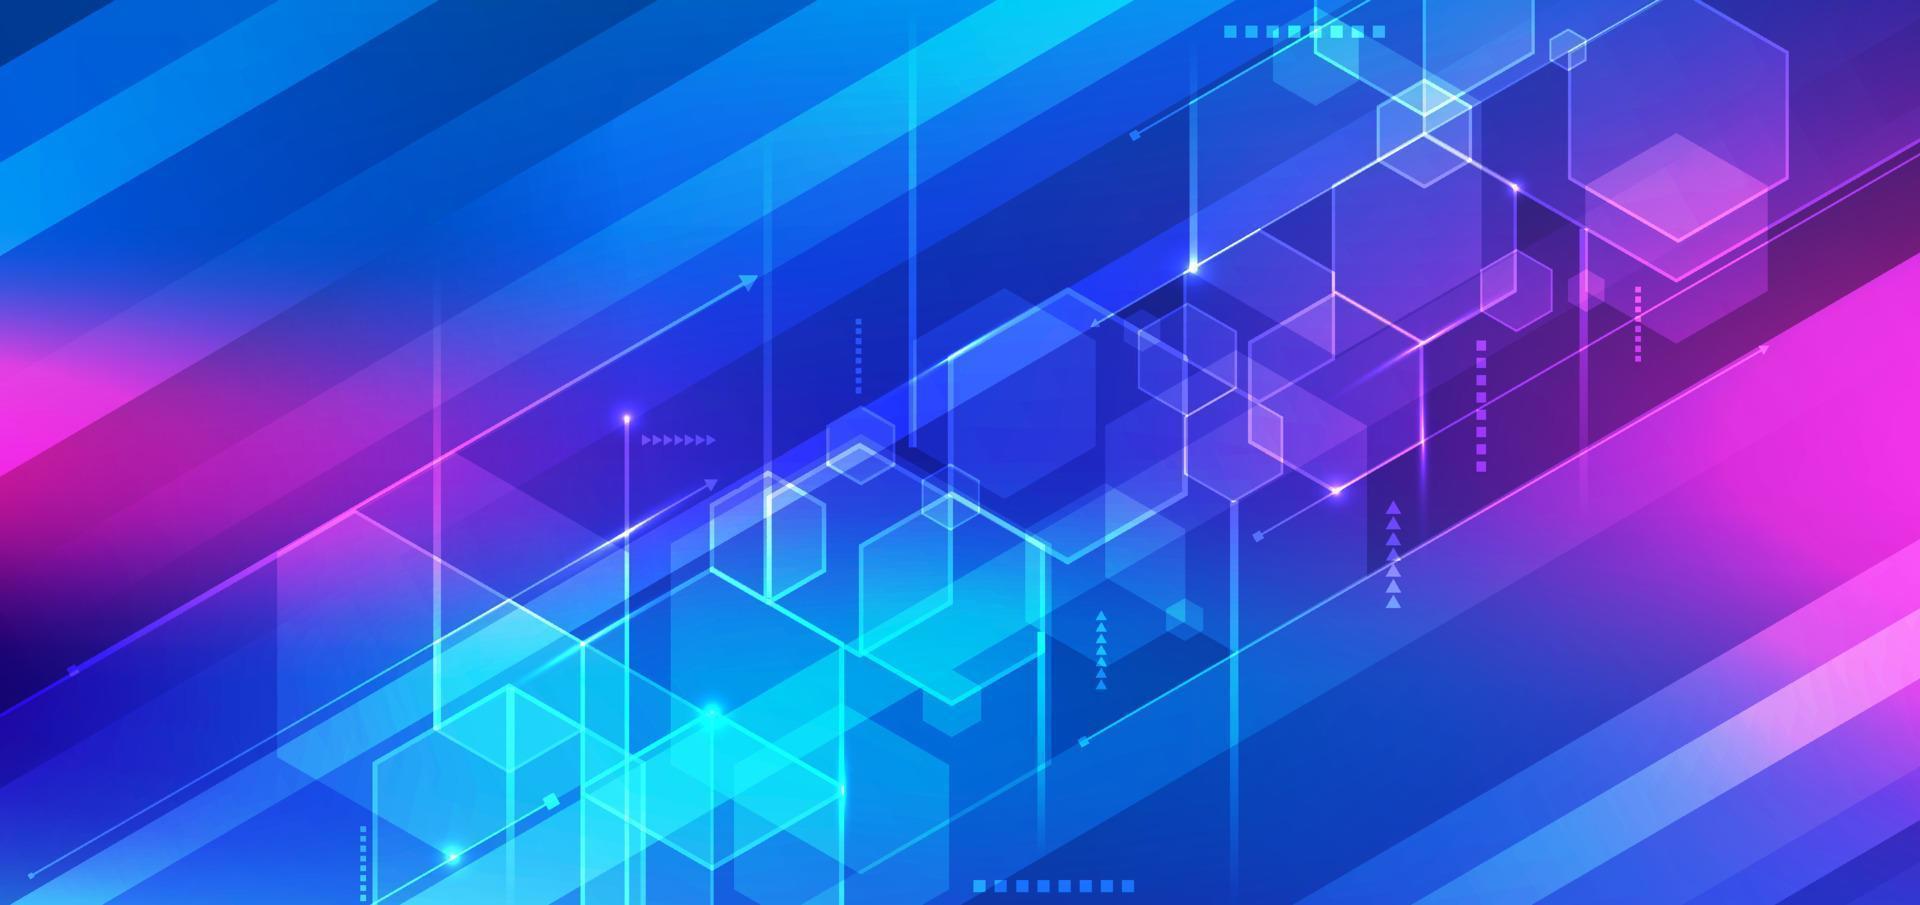 conceito futurista digital de tecnologia 3d abstrato hexágono geométrico azul com linhas no fundo de listras vetor